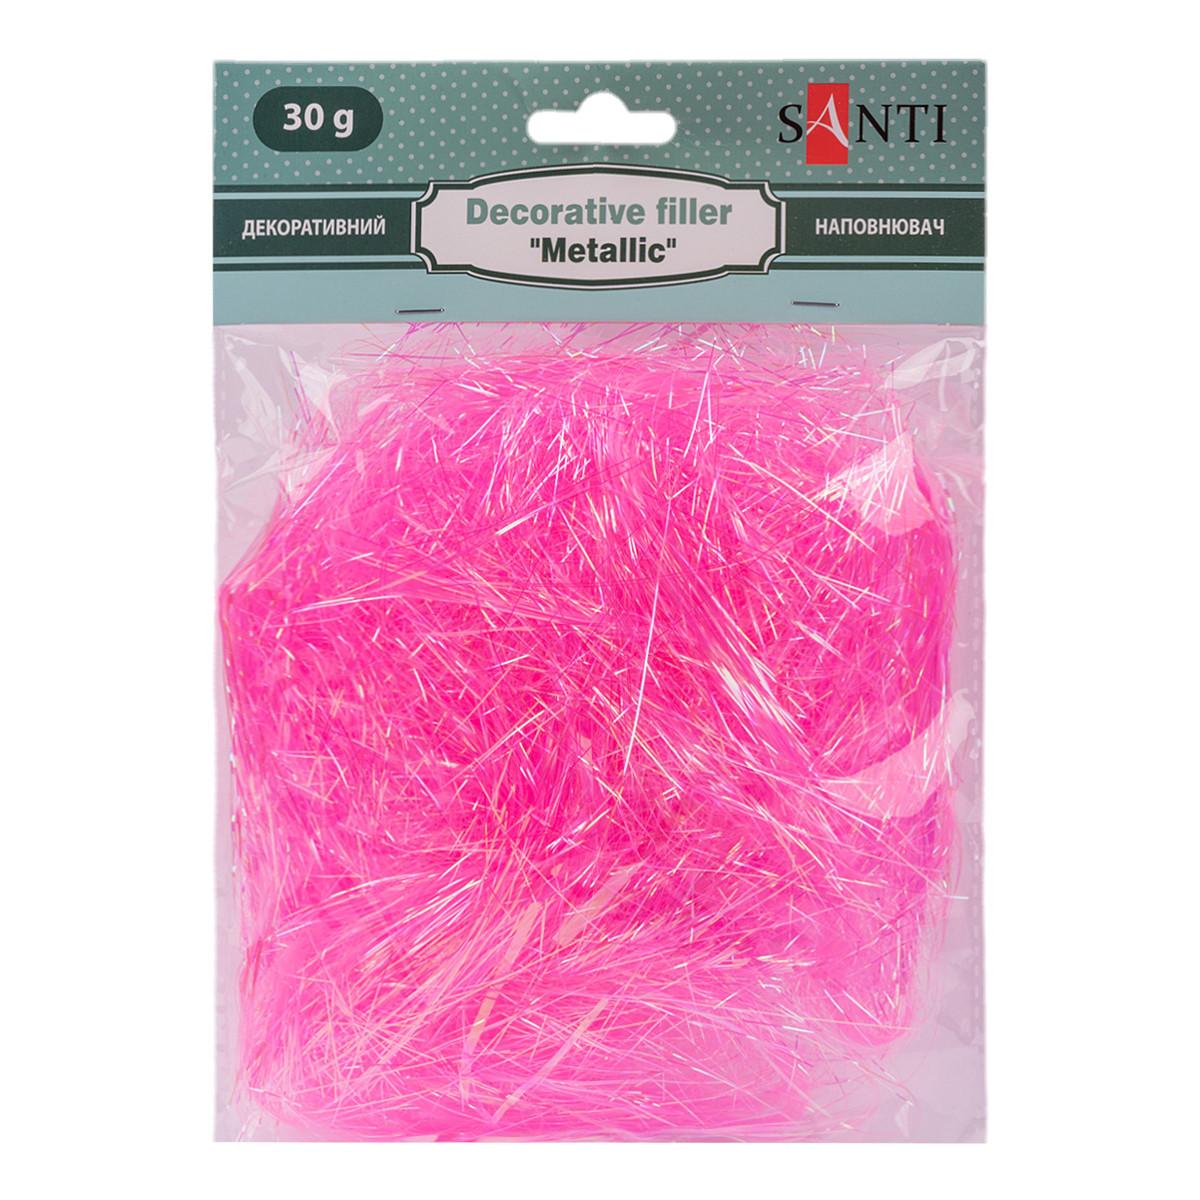 Наполнитель декоративный SANTI «металлик», 30 г, розовый.